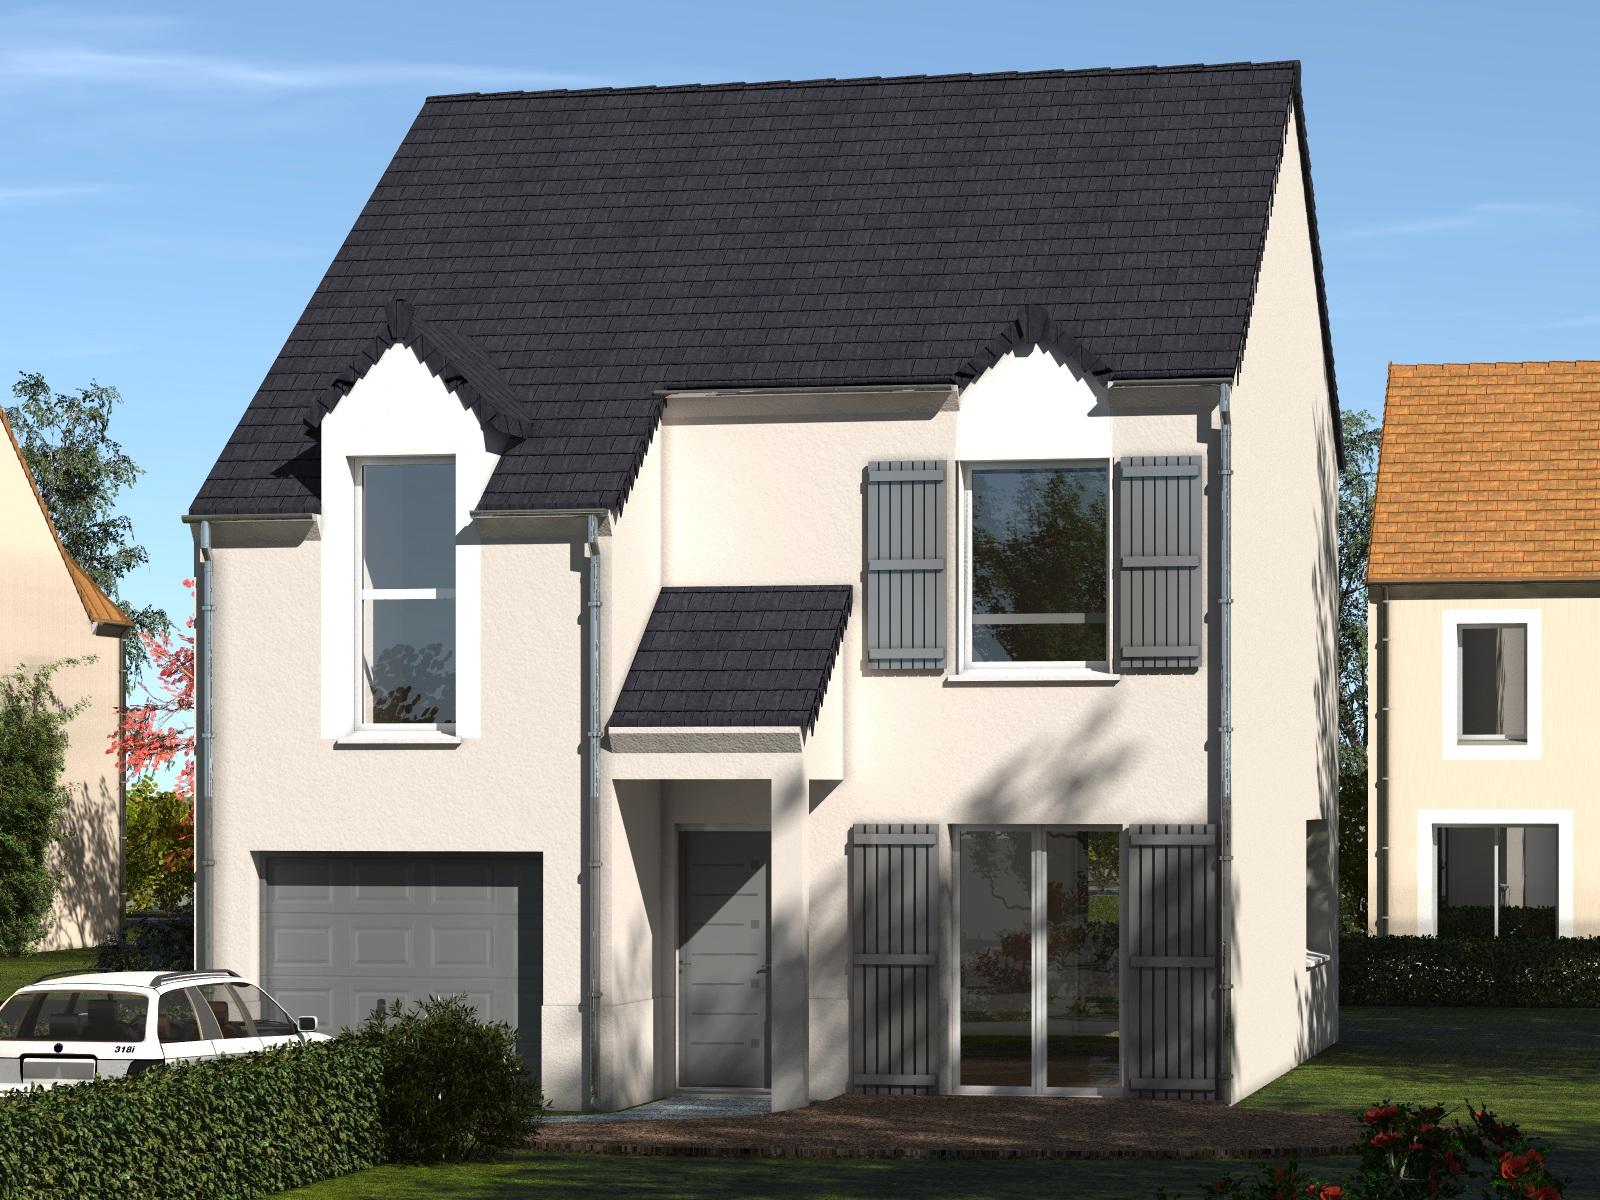 Maisons + Terrains du constructeur Les Maisons Lelievre • 108 m² • CAMPAGNE